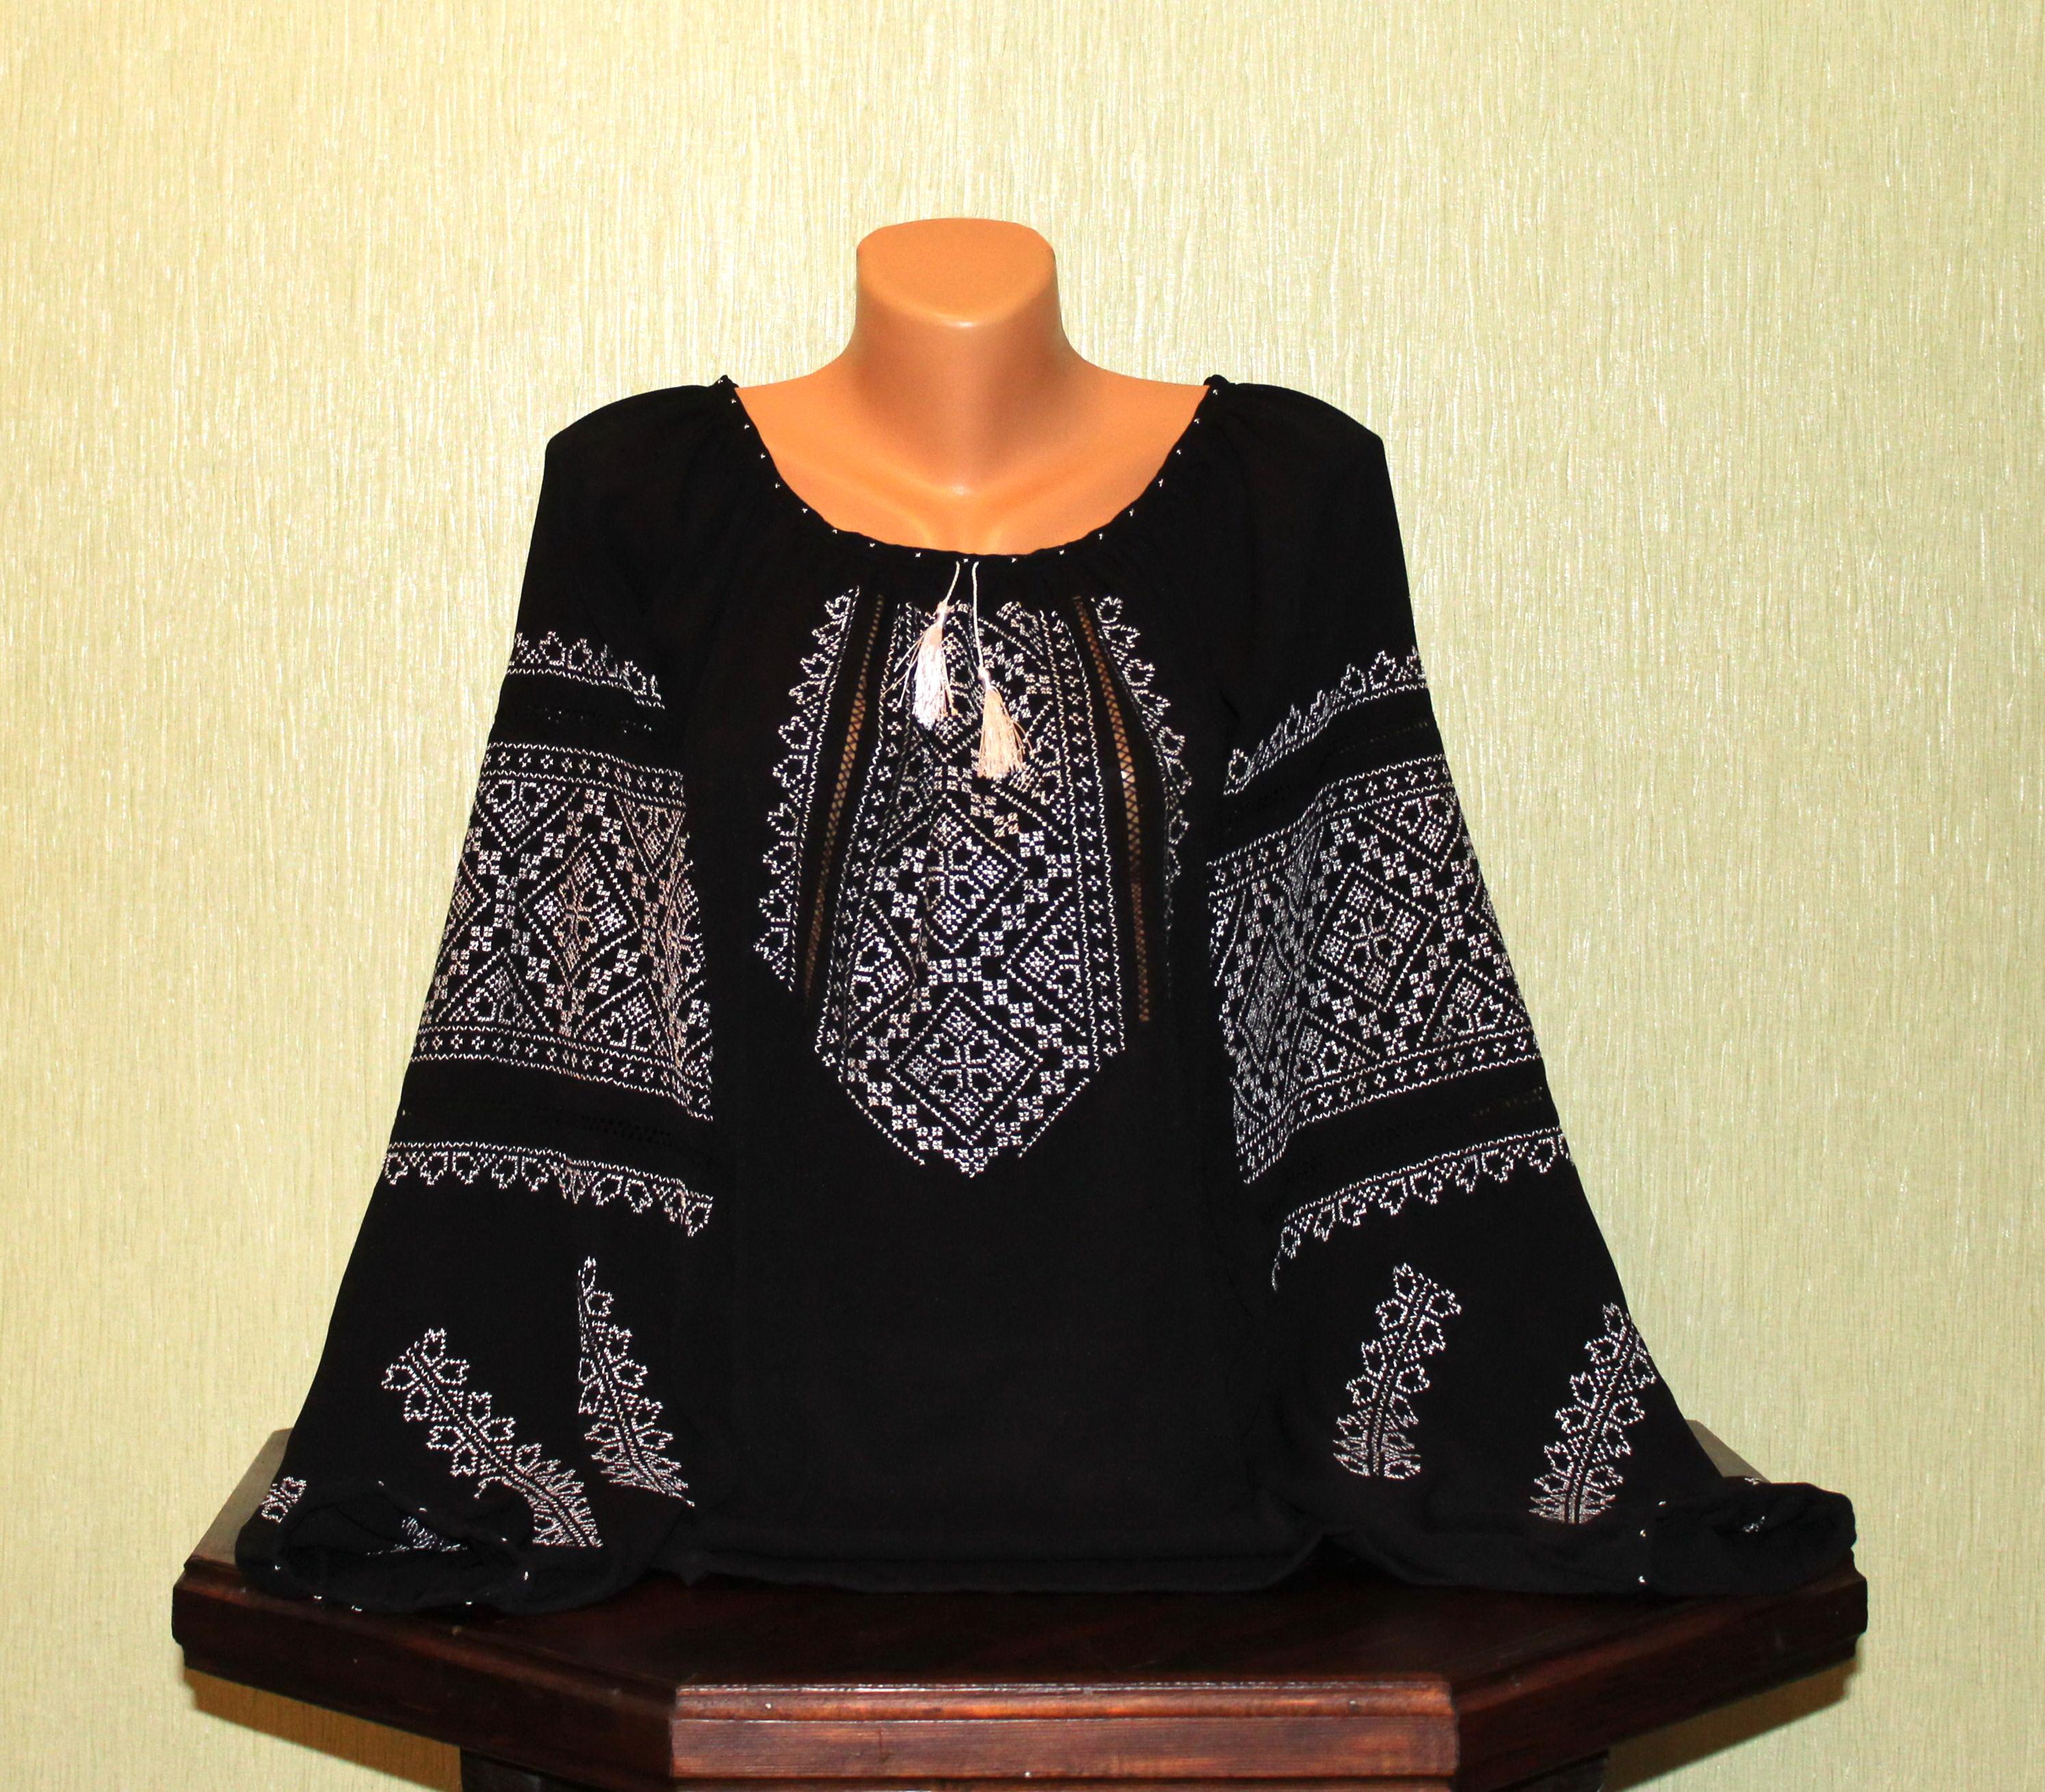 Жіноча сорочка вишита білим шовком на чорному шифоні a6b344f0dde5a